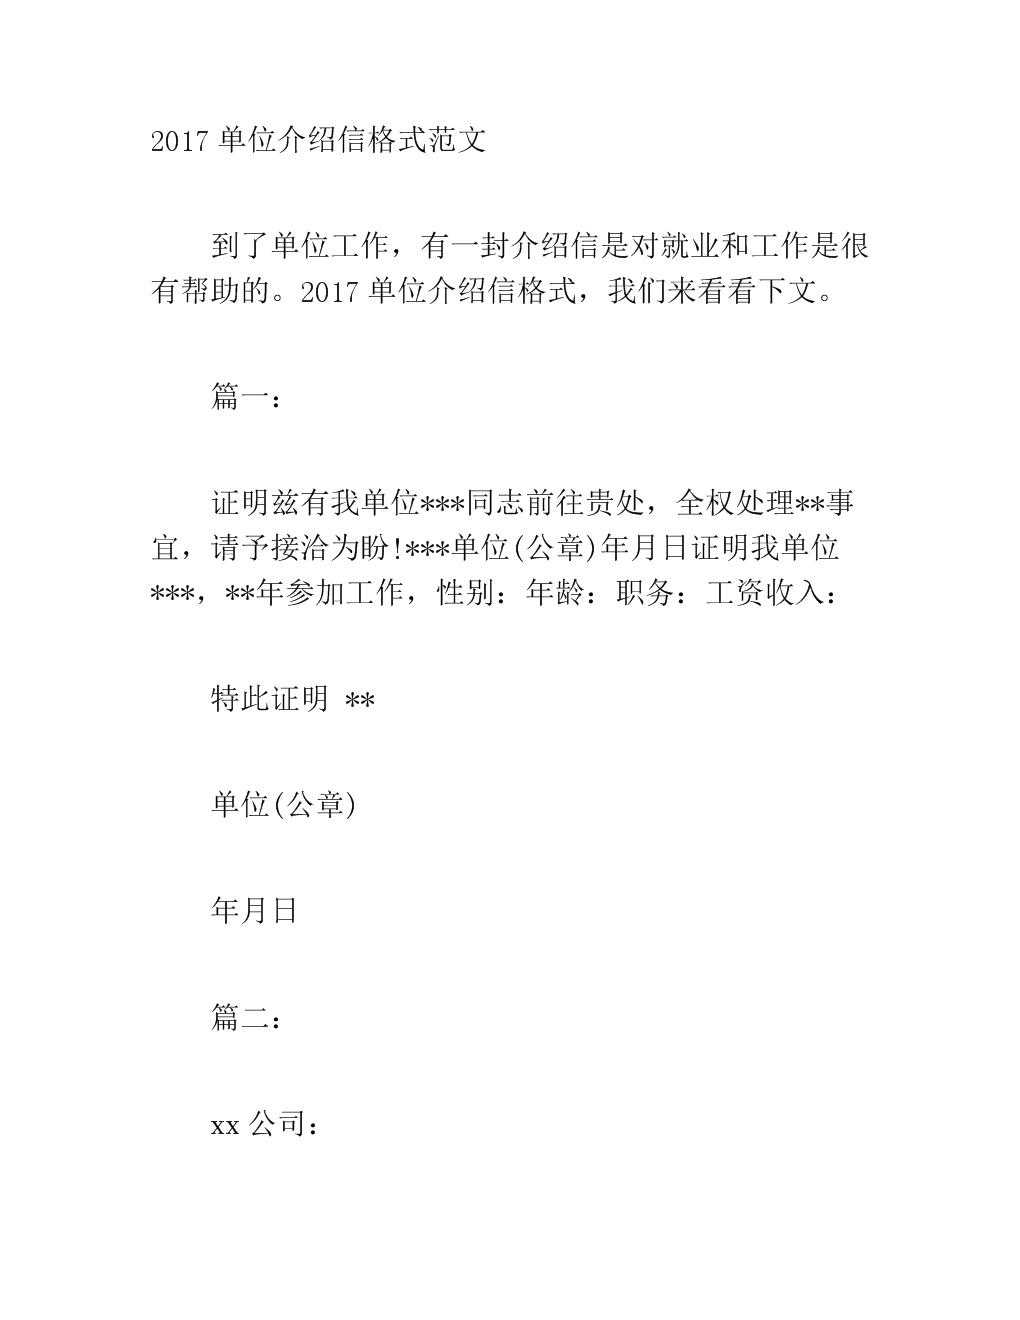 2018单位介绍信格式范文(三).docx图片